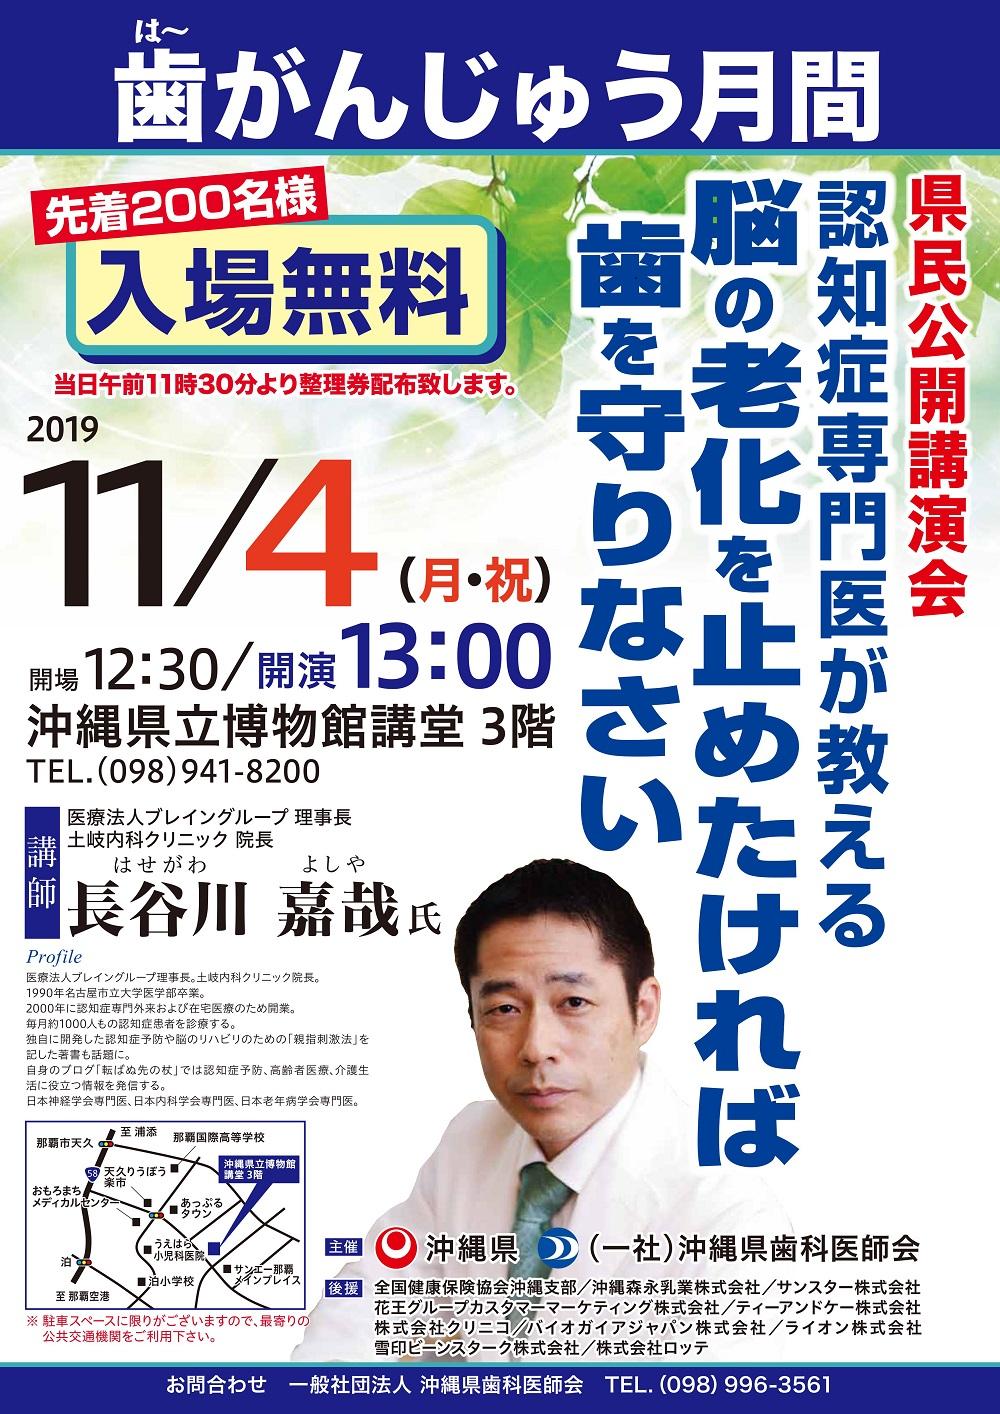 【11月4日(月)開催】県民公開講演会 認知症専門医が教える脳の老化を止めたければ歯を守りなさい